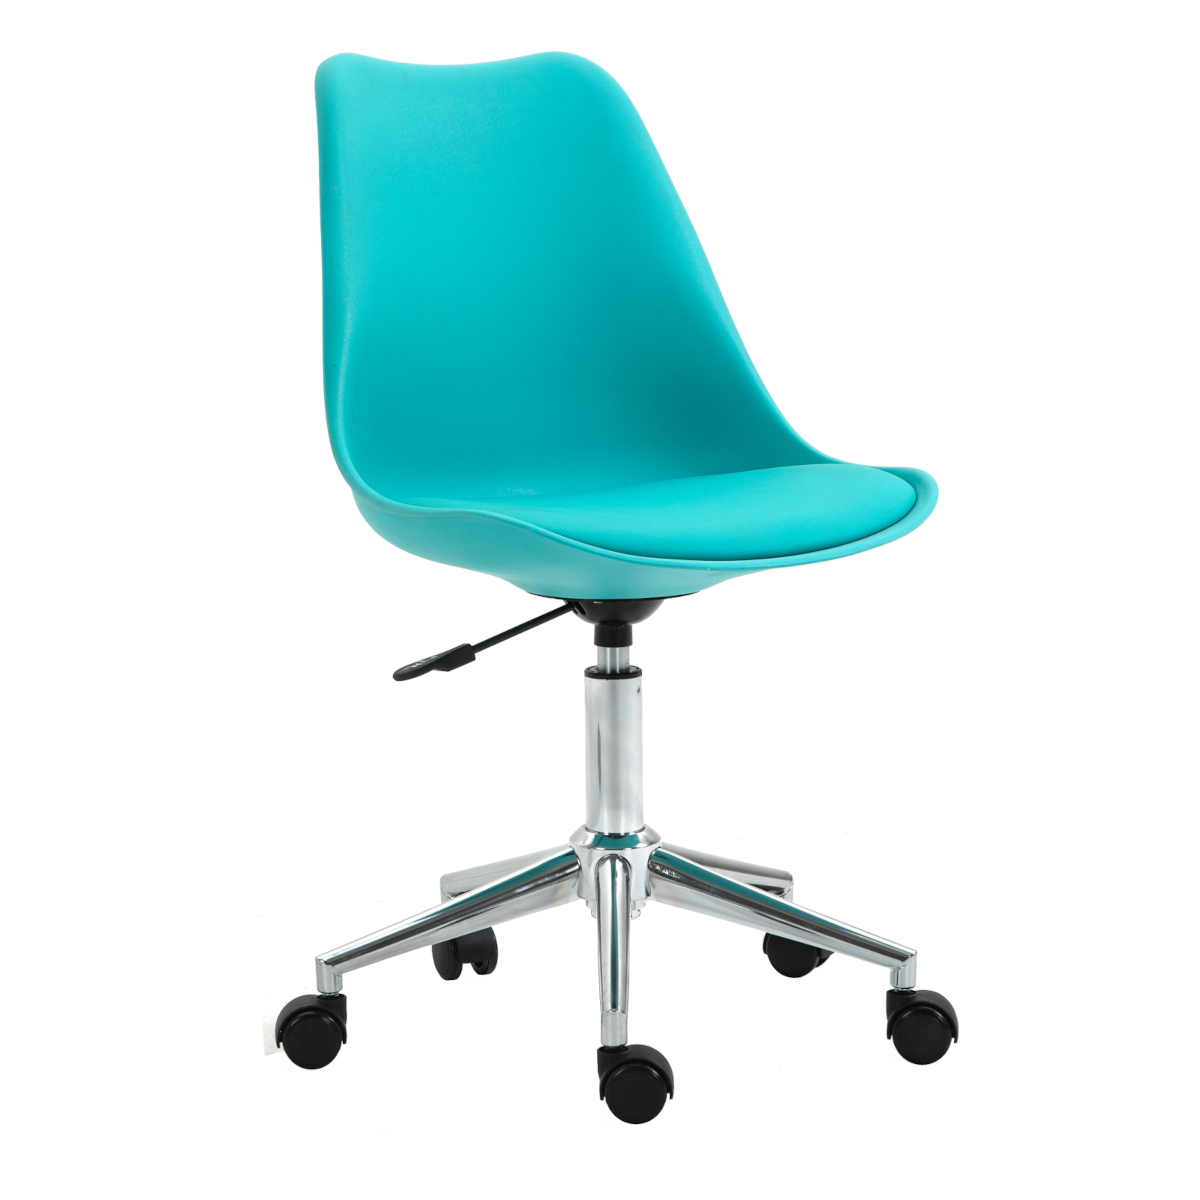 92232 SVITA EDDY Schreibtischstuhl für Kinder Drehstuhl Kinderschreibtischstuhl Türkis